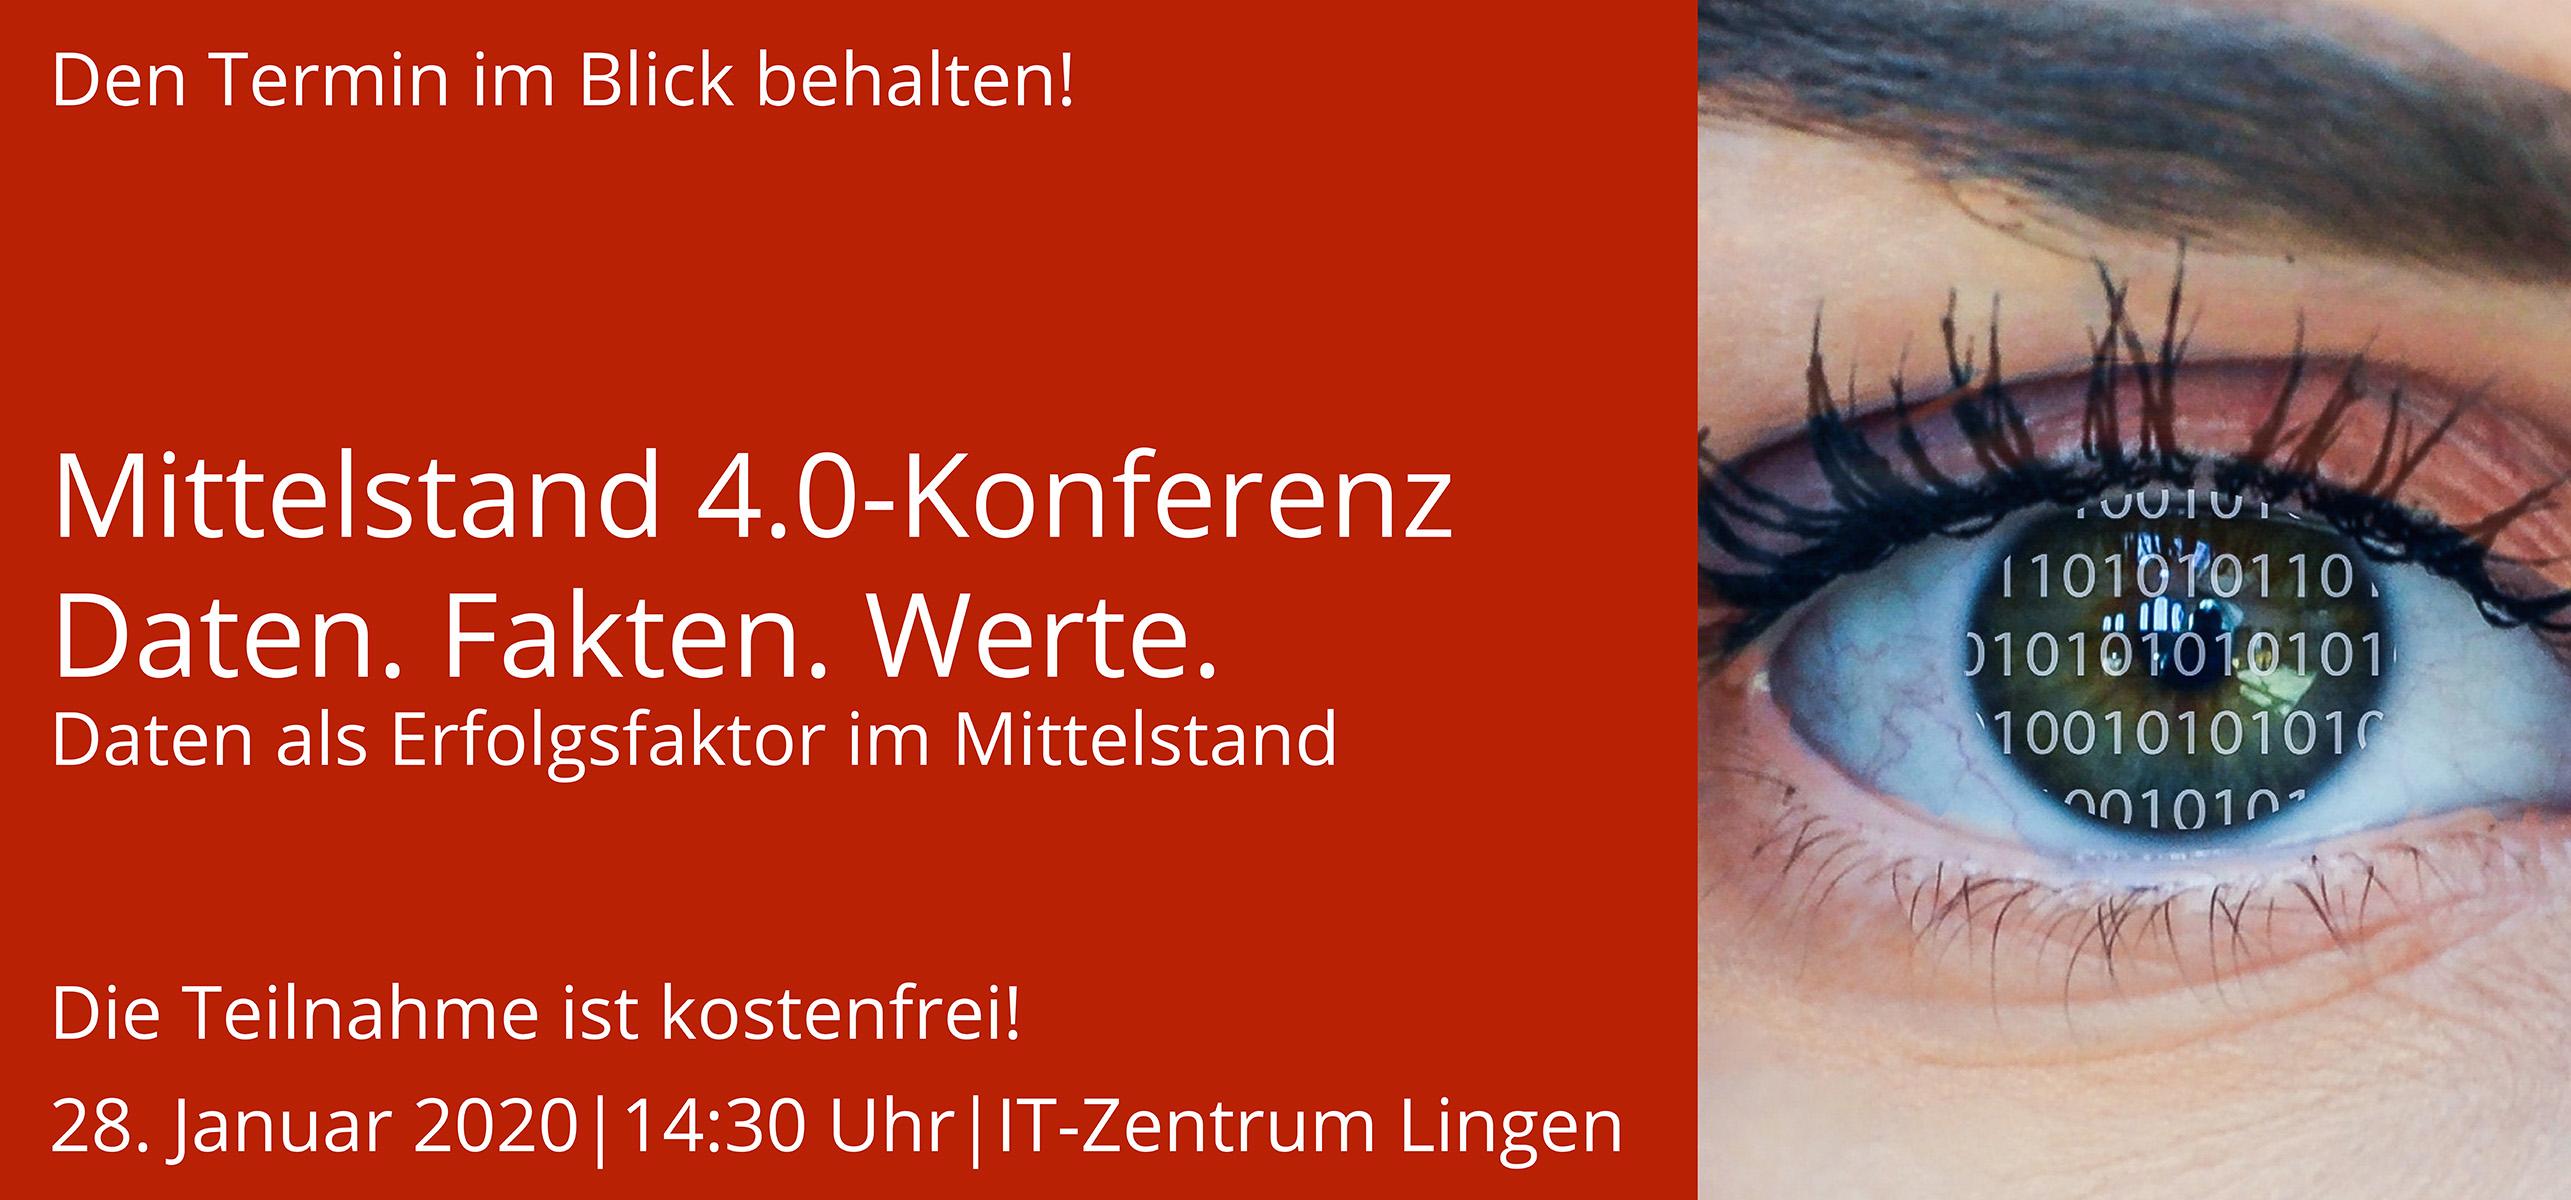 Mittelstand 4.0-Konferenz